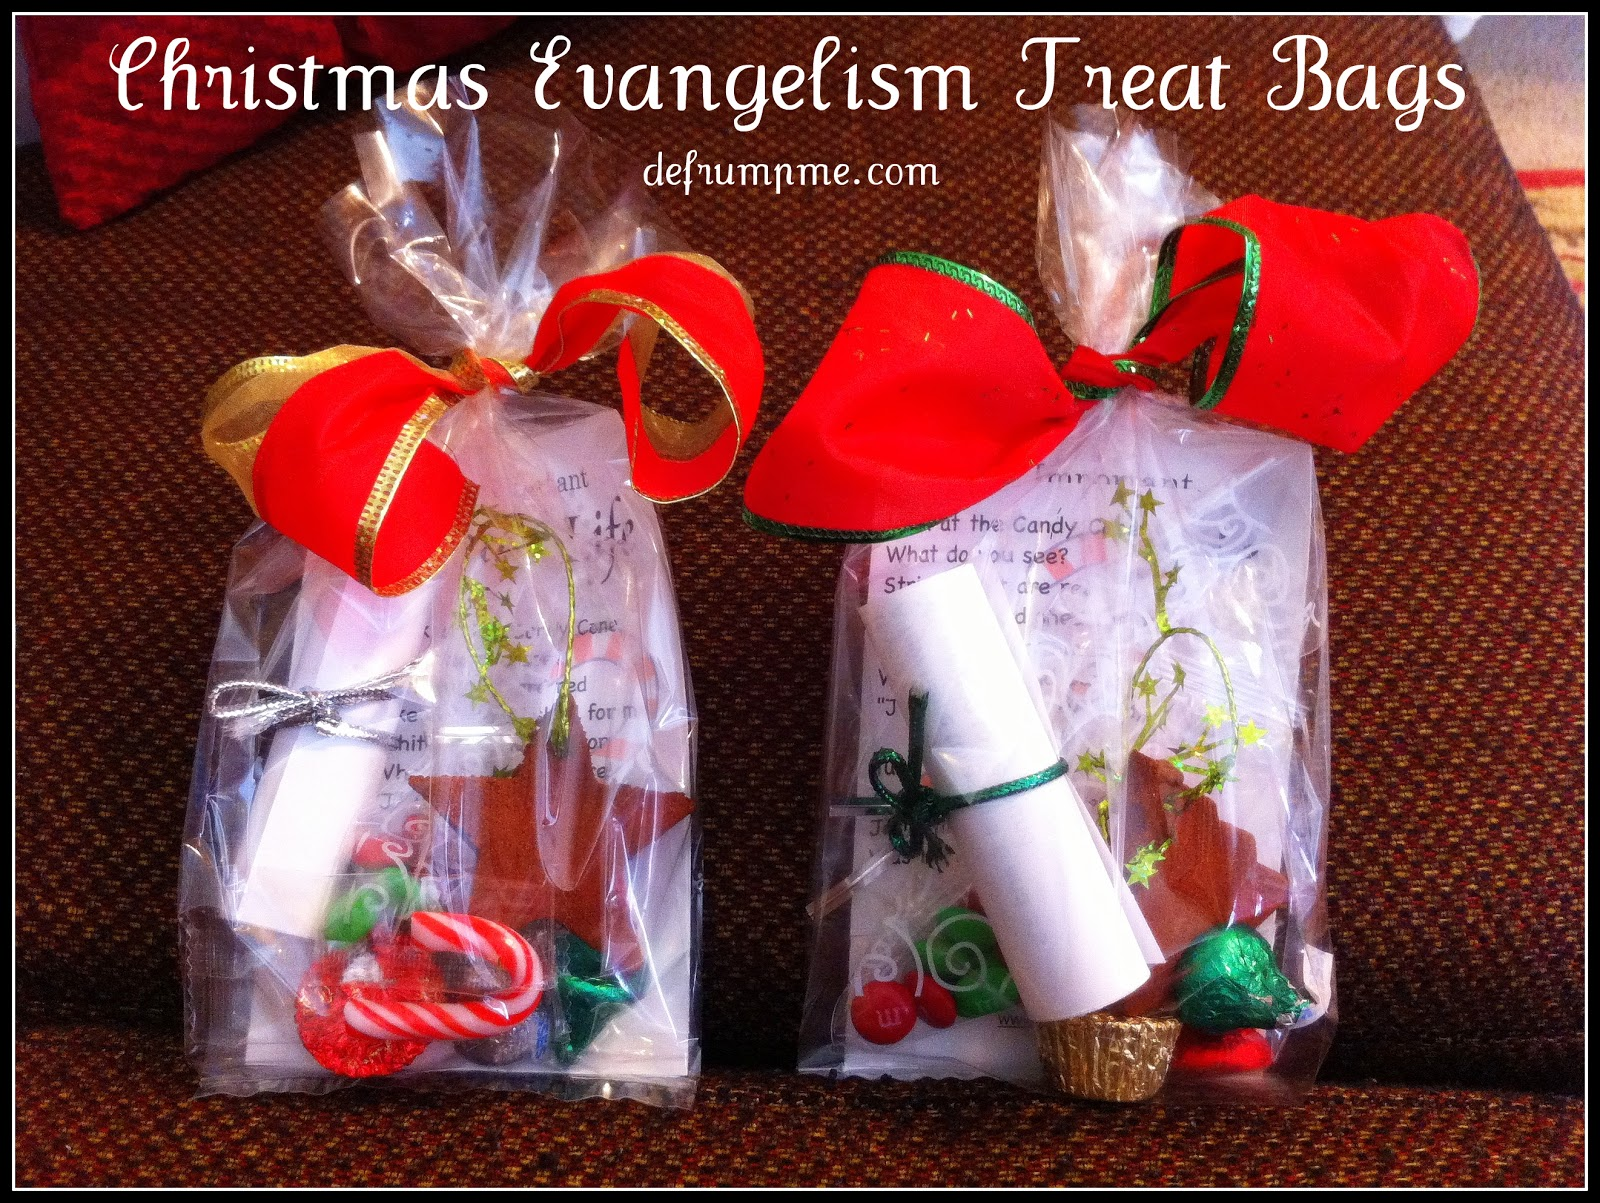 defrump me evangelism treat bags